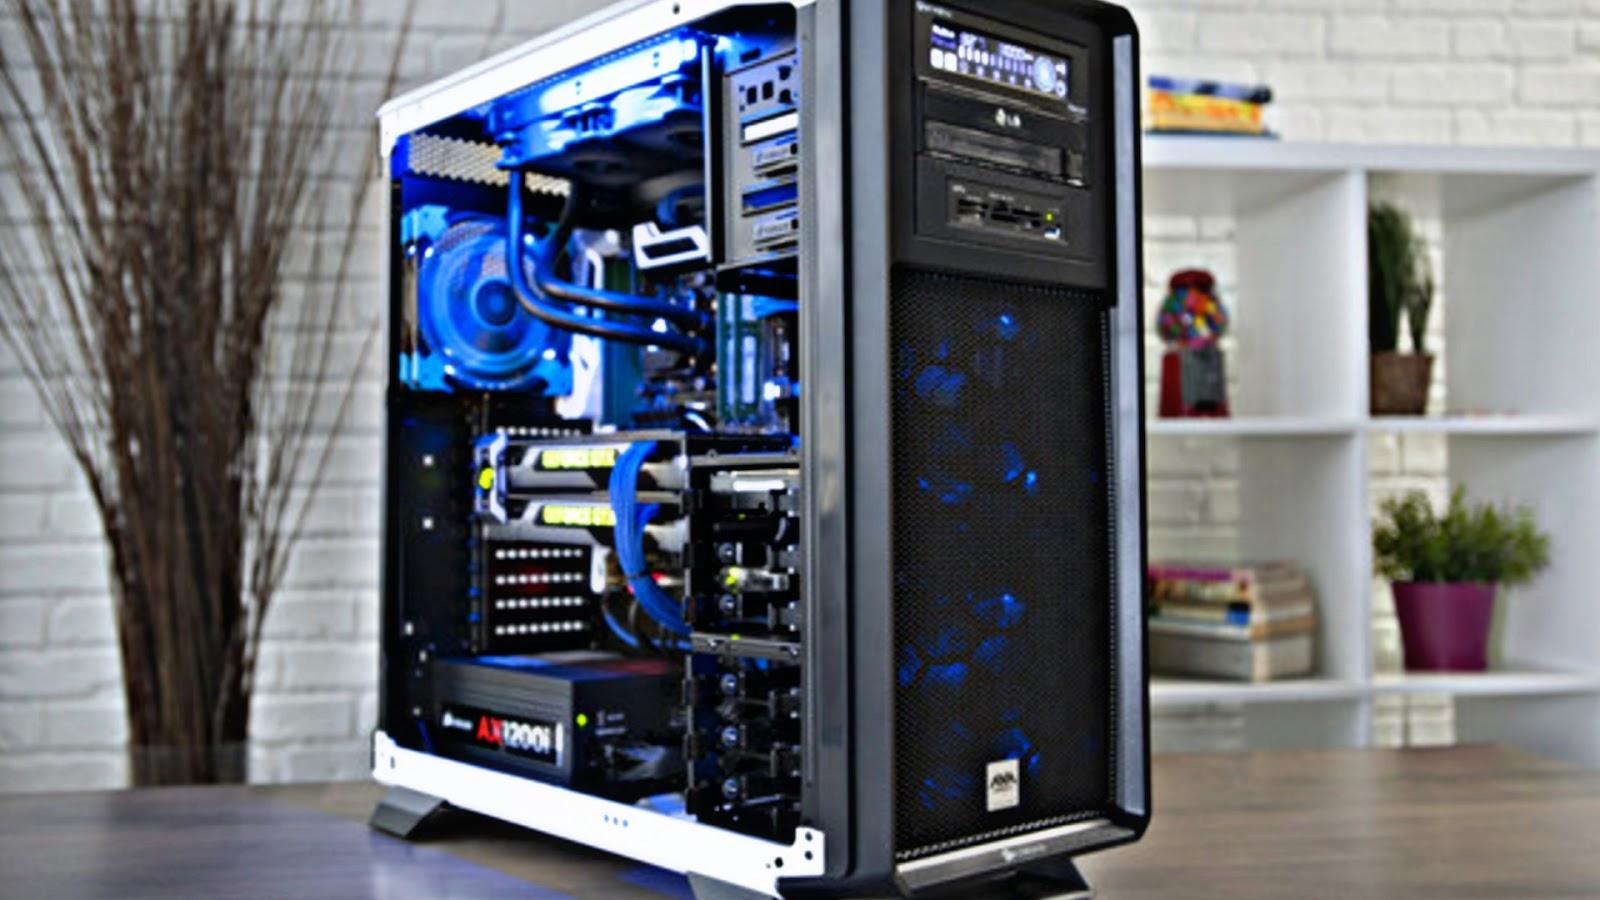 ini dia! Rakit PC Gaming Cuma Bermodalkan 3 Jutaan Rupiah Bisa Main Game GTA V 60Fps